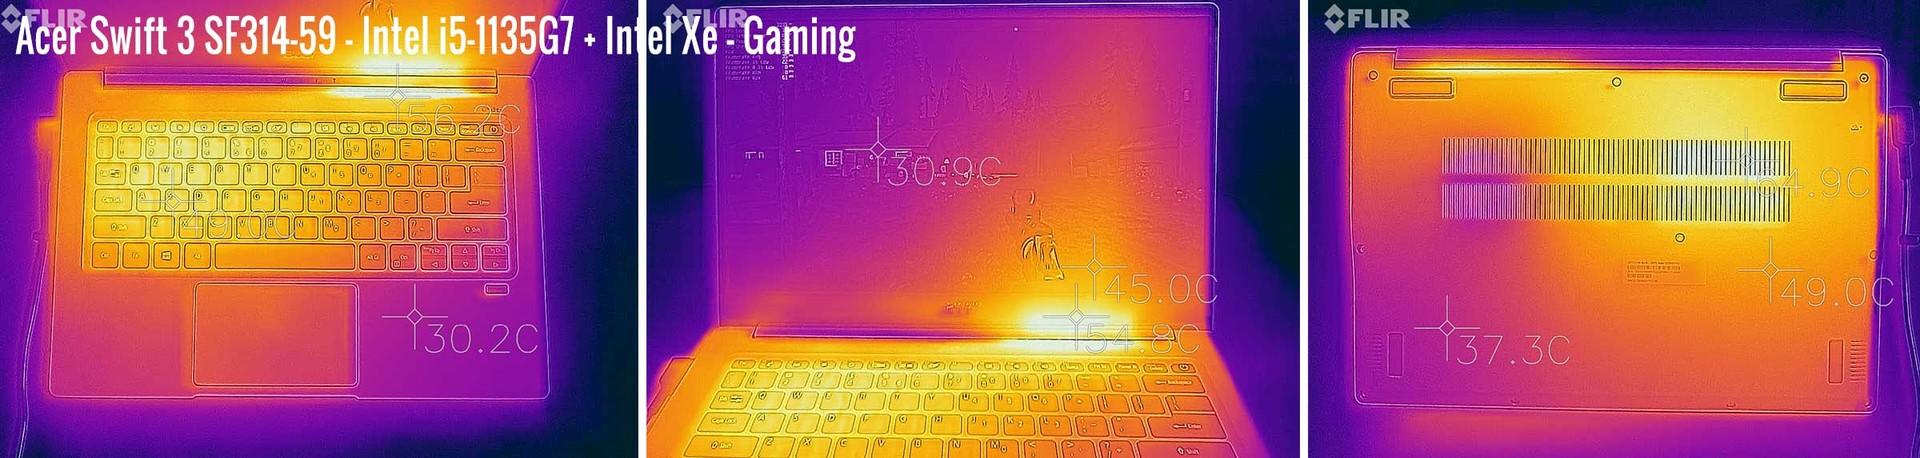 temperatures-acerswift-gaming